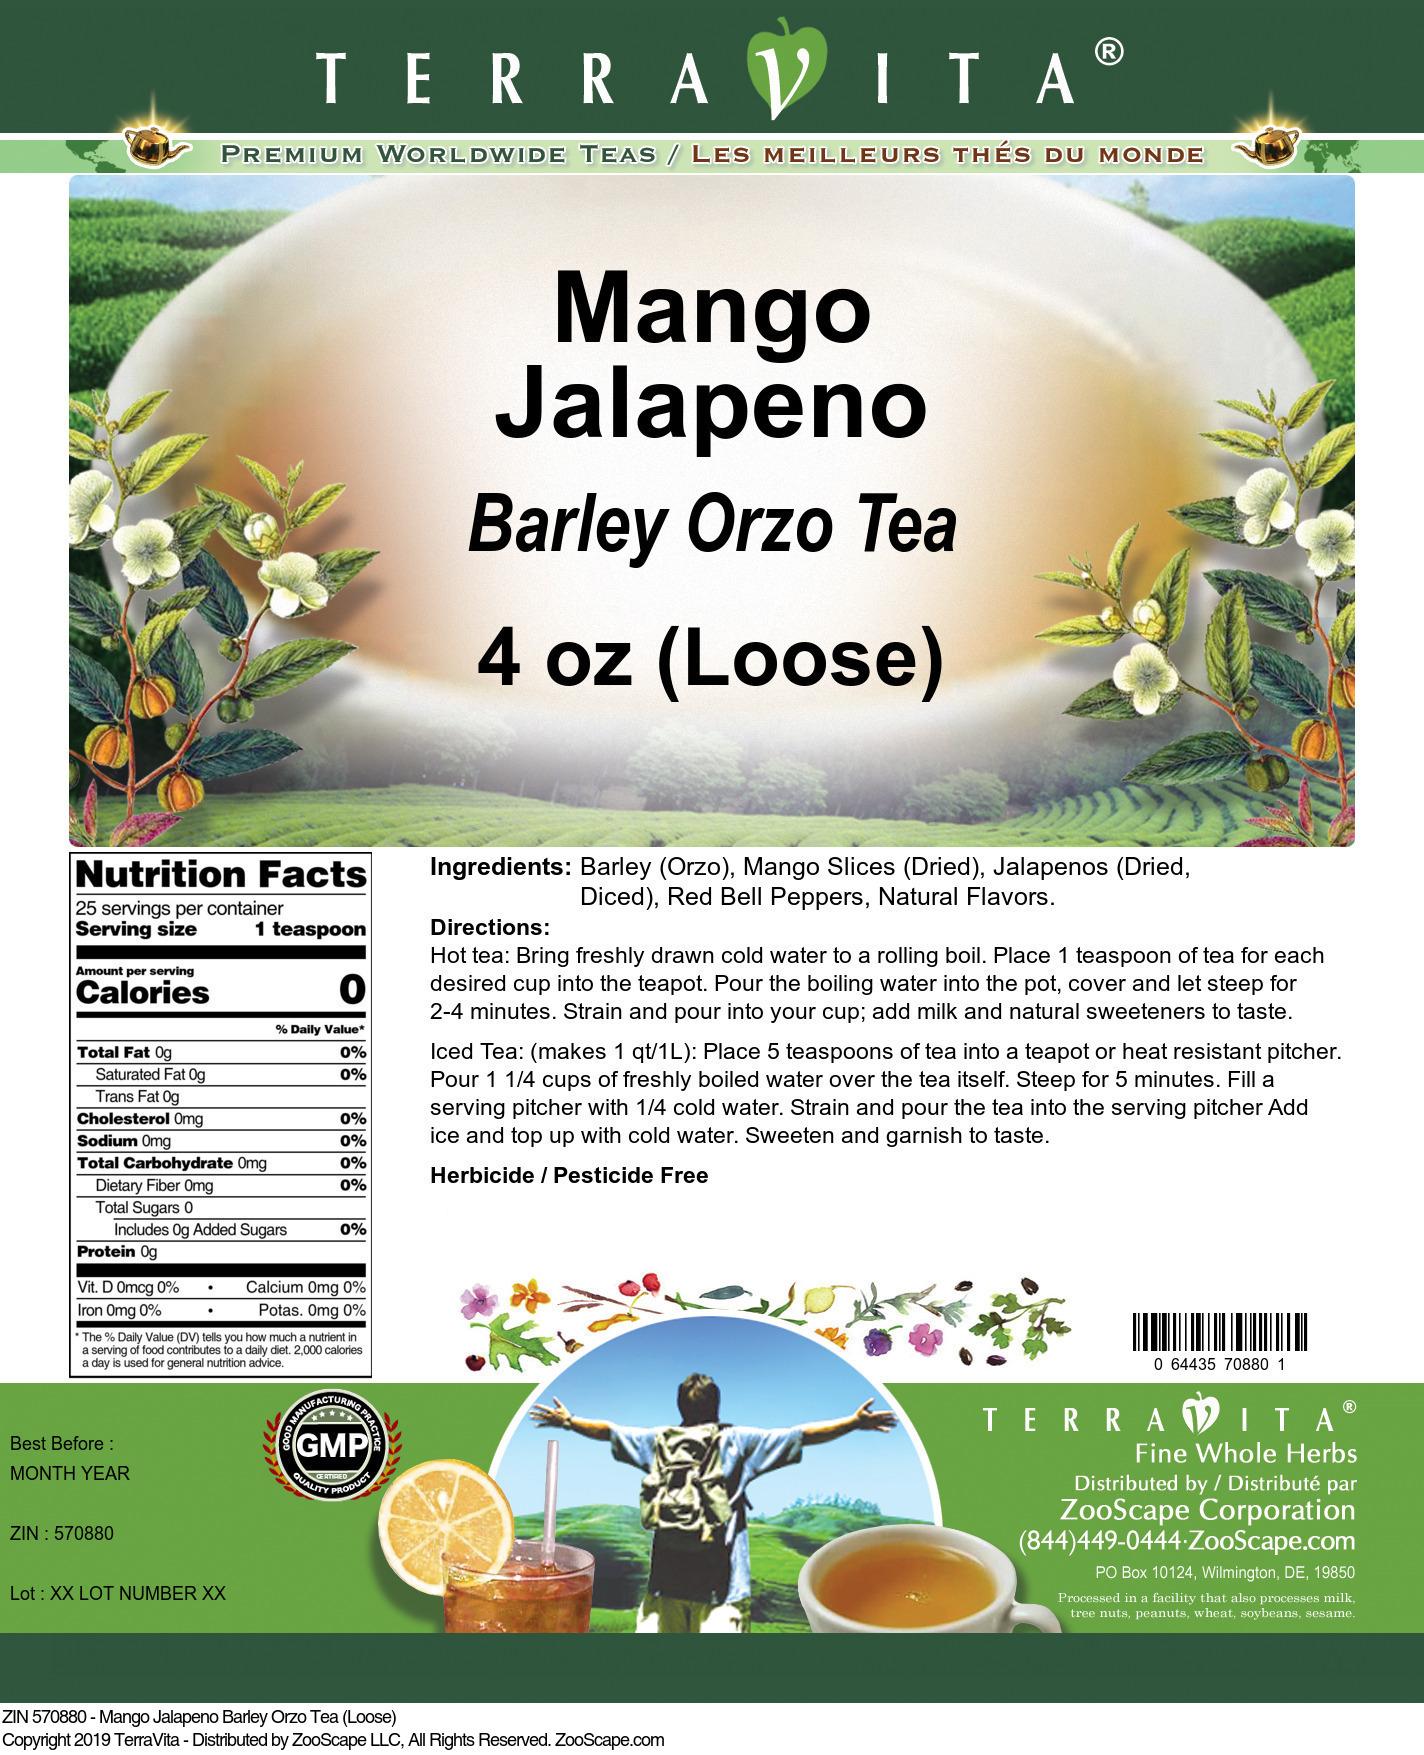 Mango Jalapeno Barley Orzo Tea (Loose)